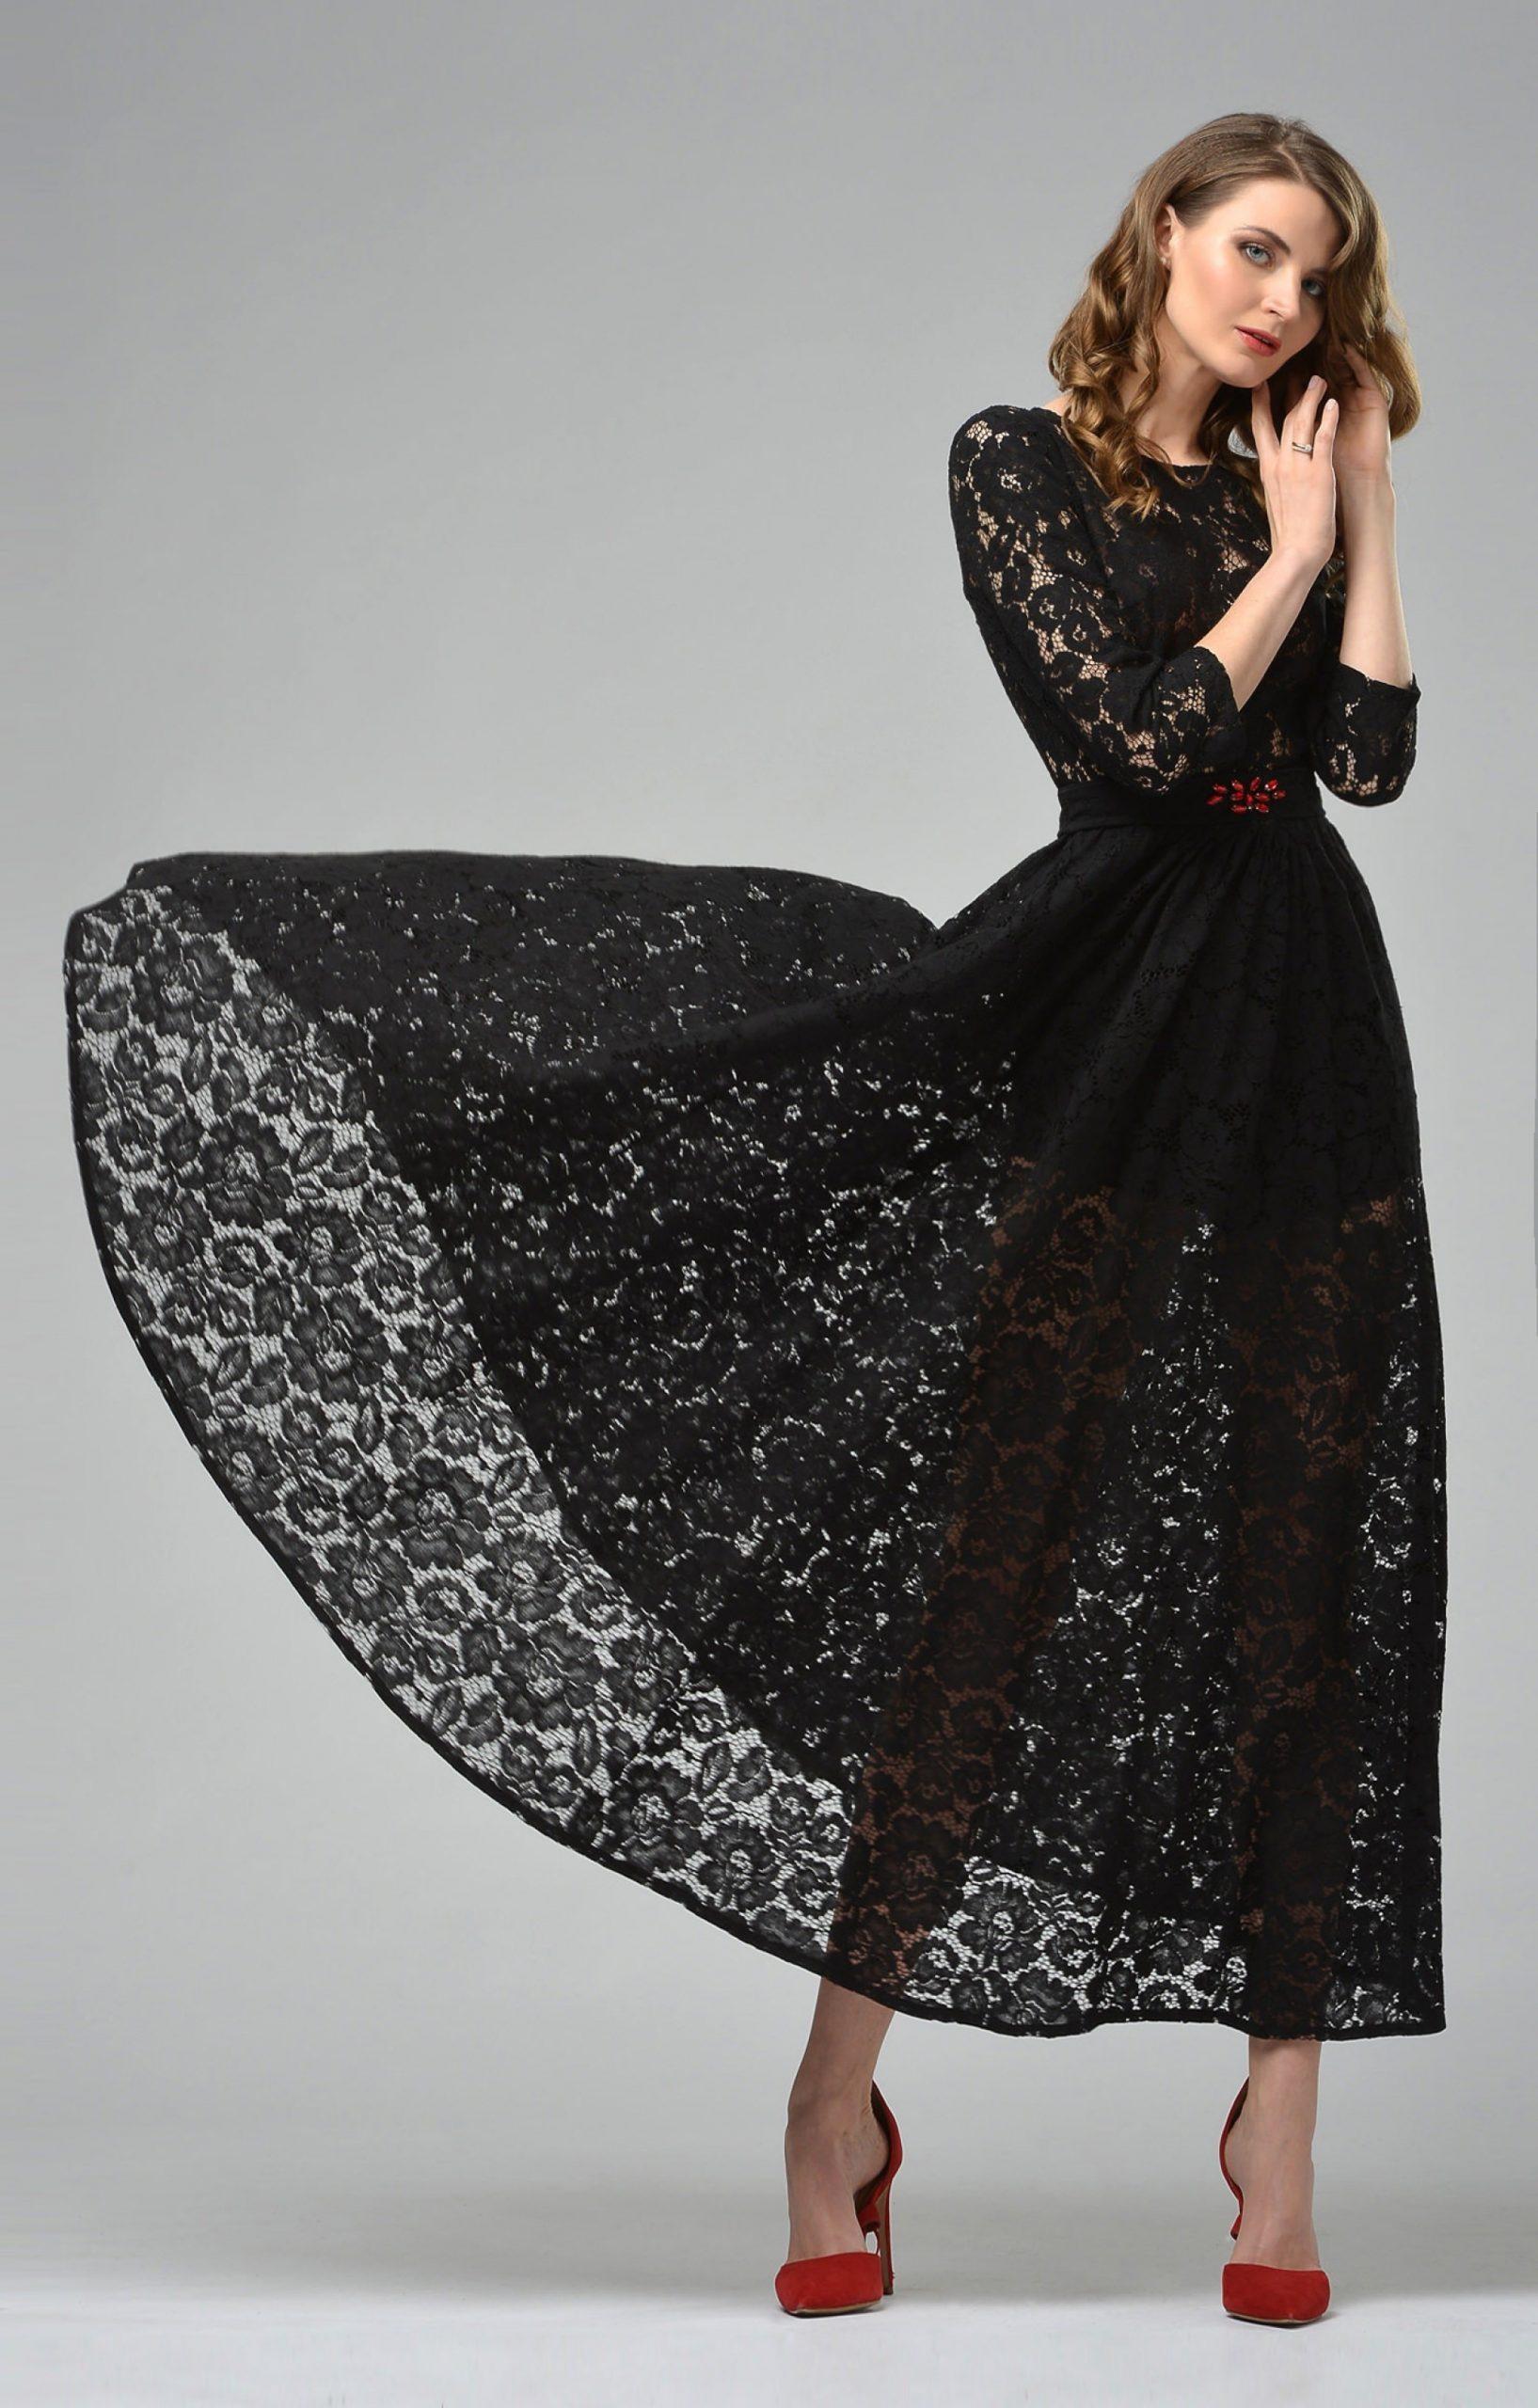 13 Top Abendkleid Zara Stylish13 Schön Abendkleid Zara Vertrieb